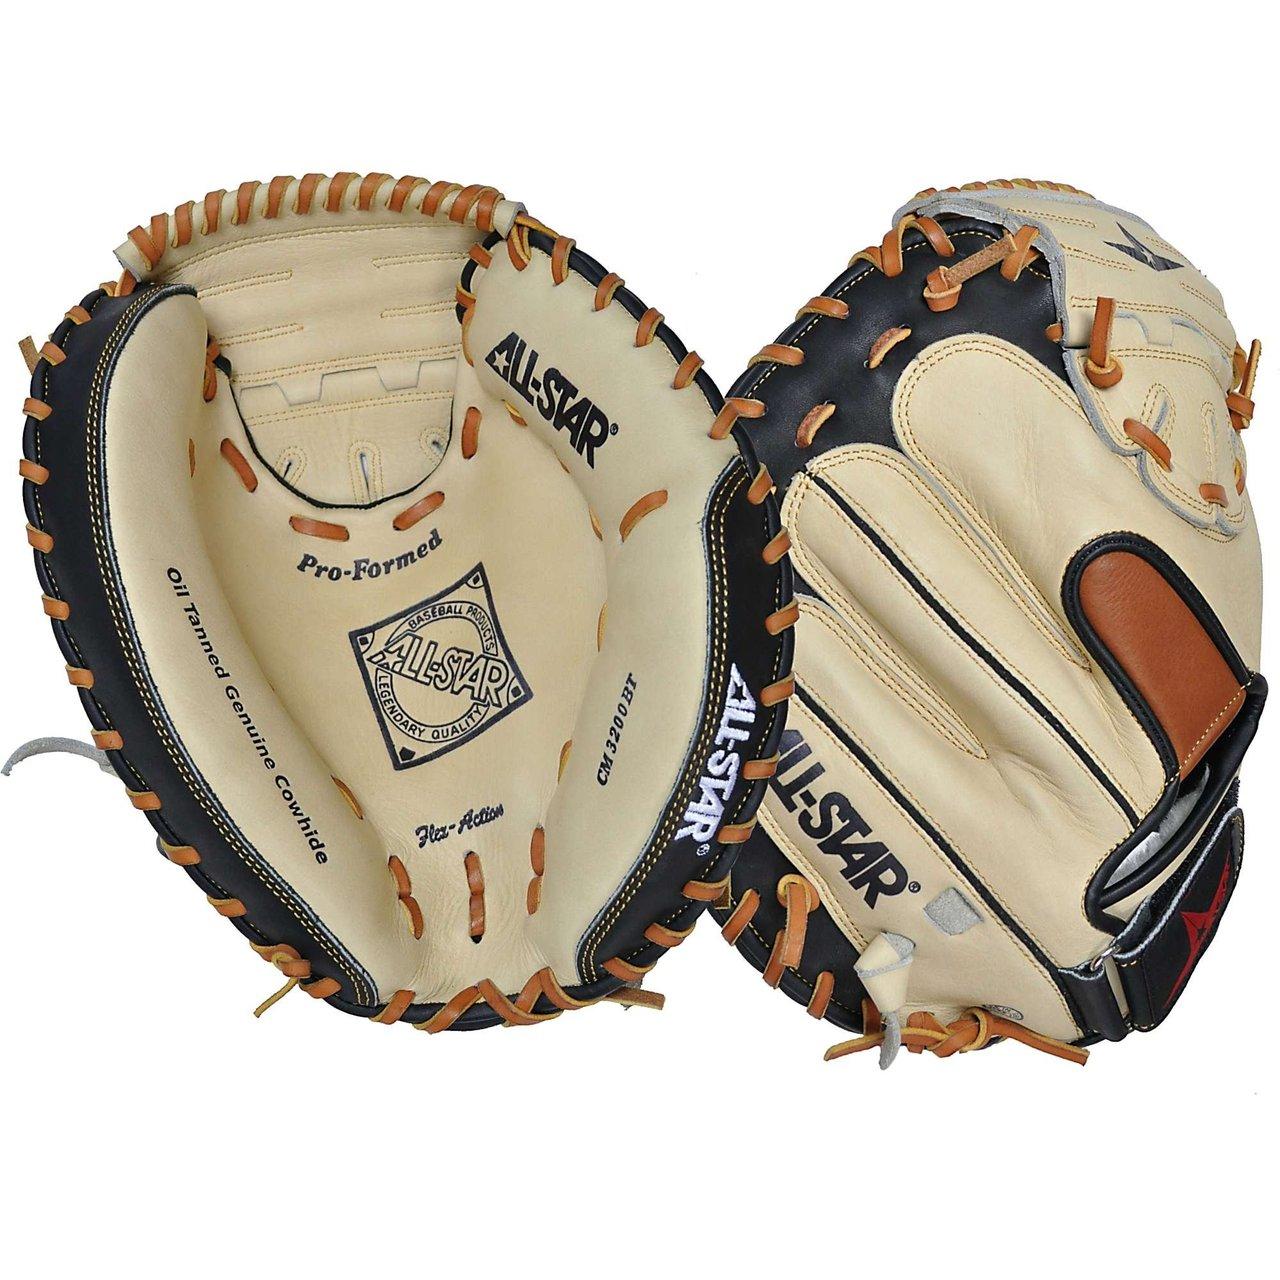 all-star-cm3200sbt-33-5-catchers-mitt-black-tan-left-handed-throw CM3200SBT-Left Handed Throw All-Star 029343009013 AllStar CM3200SBT 33.5 Catchers Mitt BlackTan Left Handed Throw  Allstar